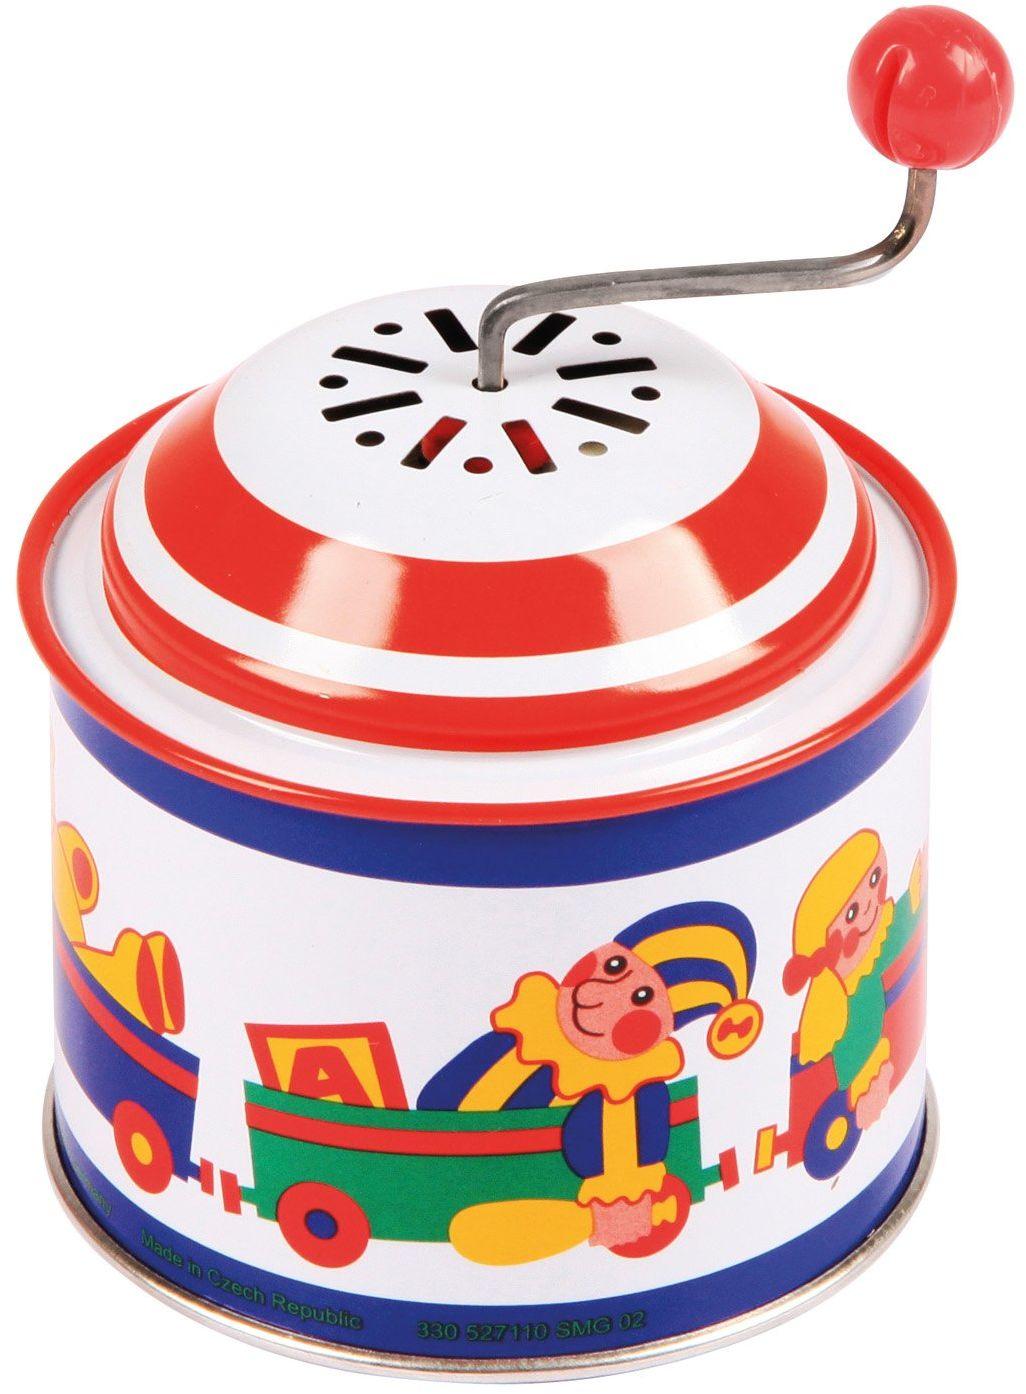 Lena 52756 uchwyt obrotowy ok. 10,5 x 7,5 cm, z melodią wiosną, puszka muzyczna, dla dzieci powyżej 18 miesięcy, z motywem pudełka na zabawki